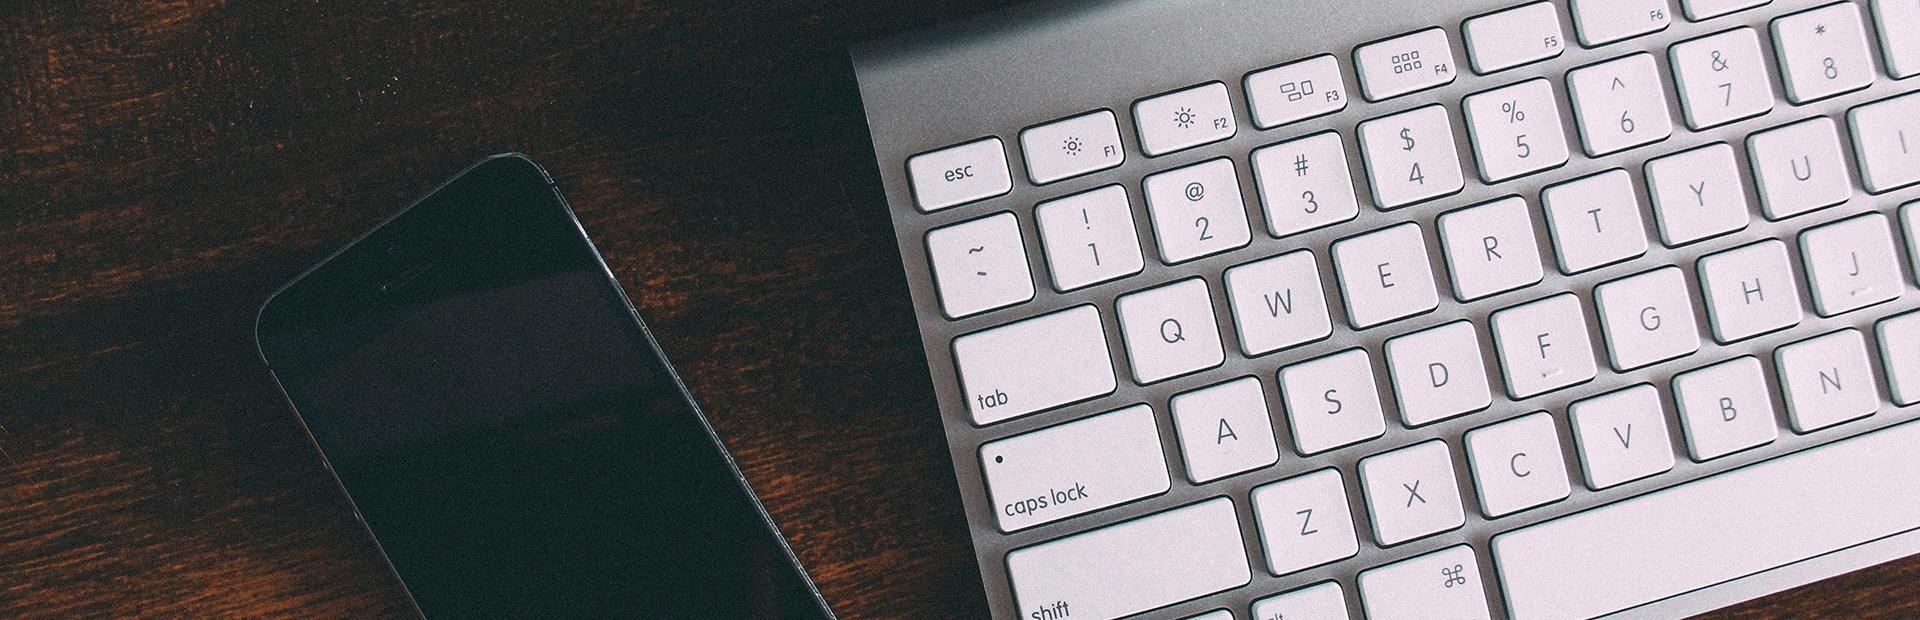 哪些类型的SSL证书对网站安全有利?